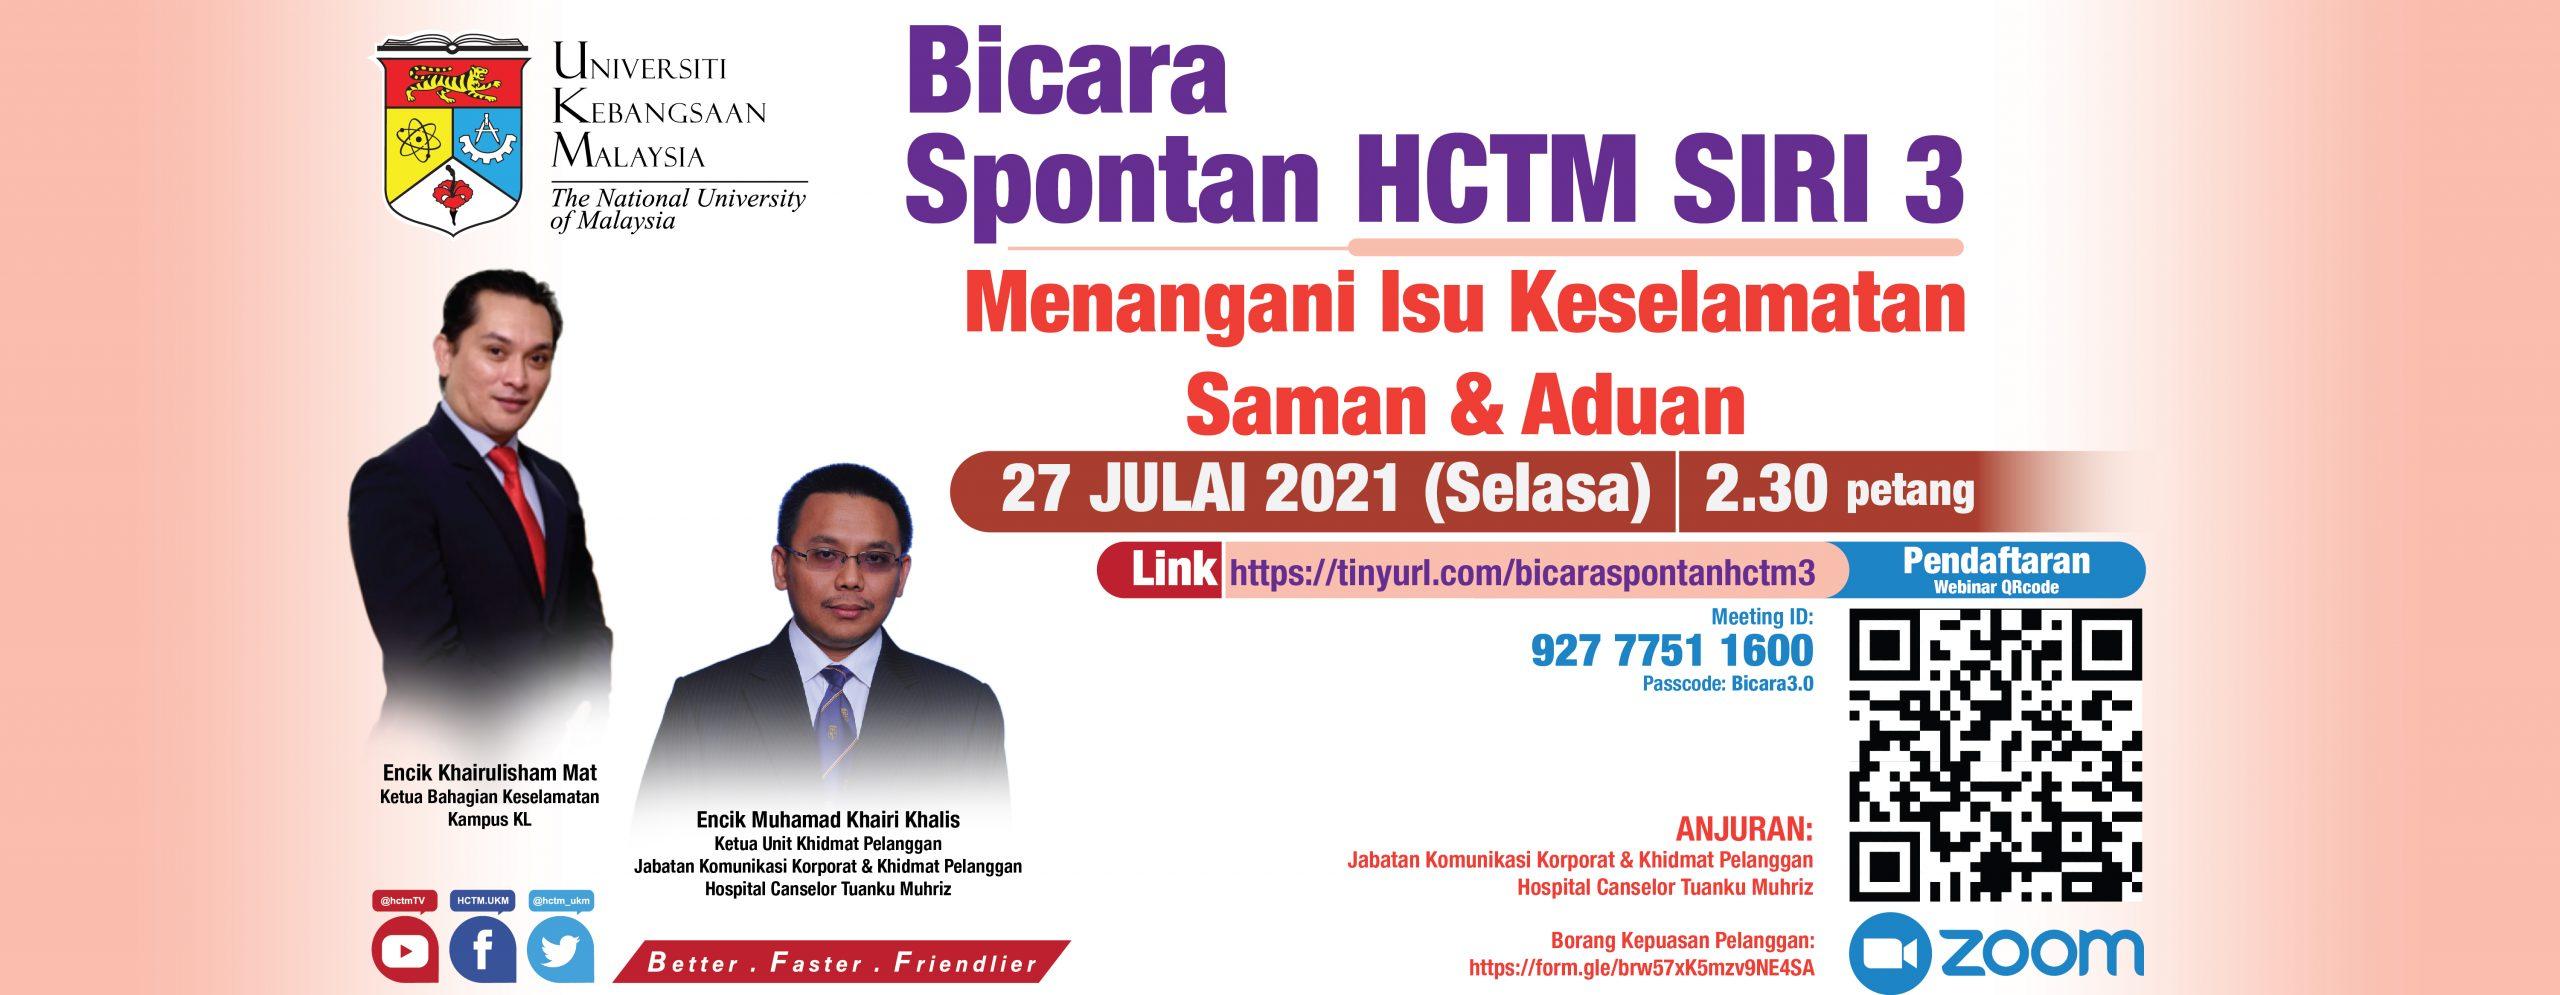 Bicara Spontan HCTM SIRI 3